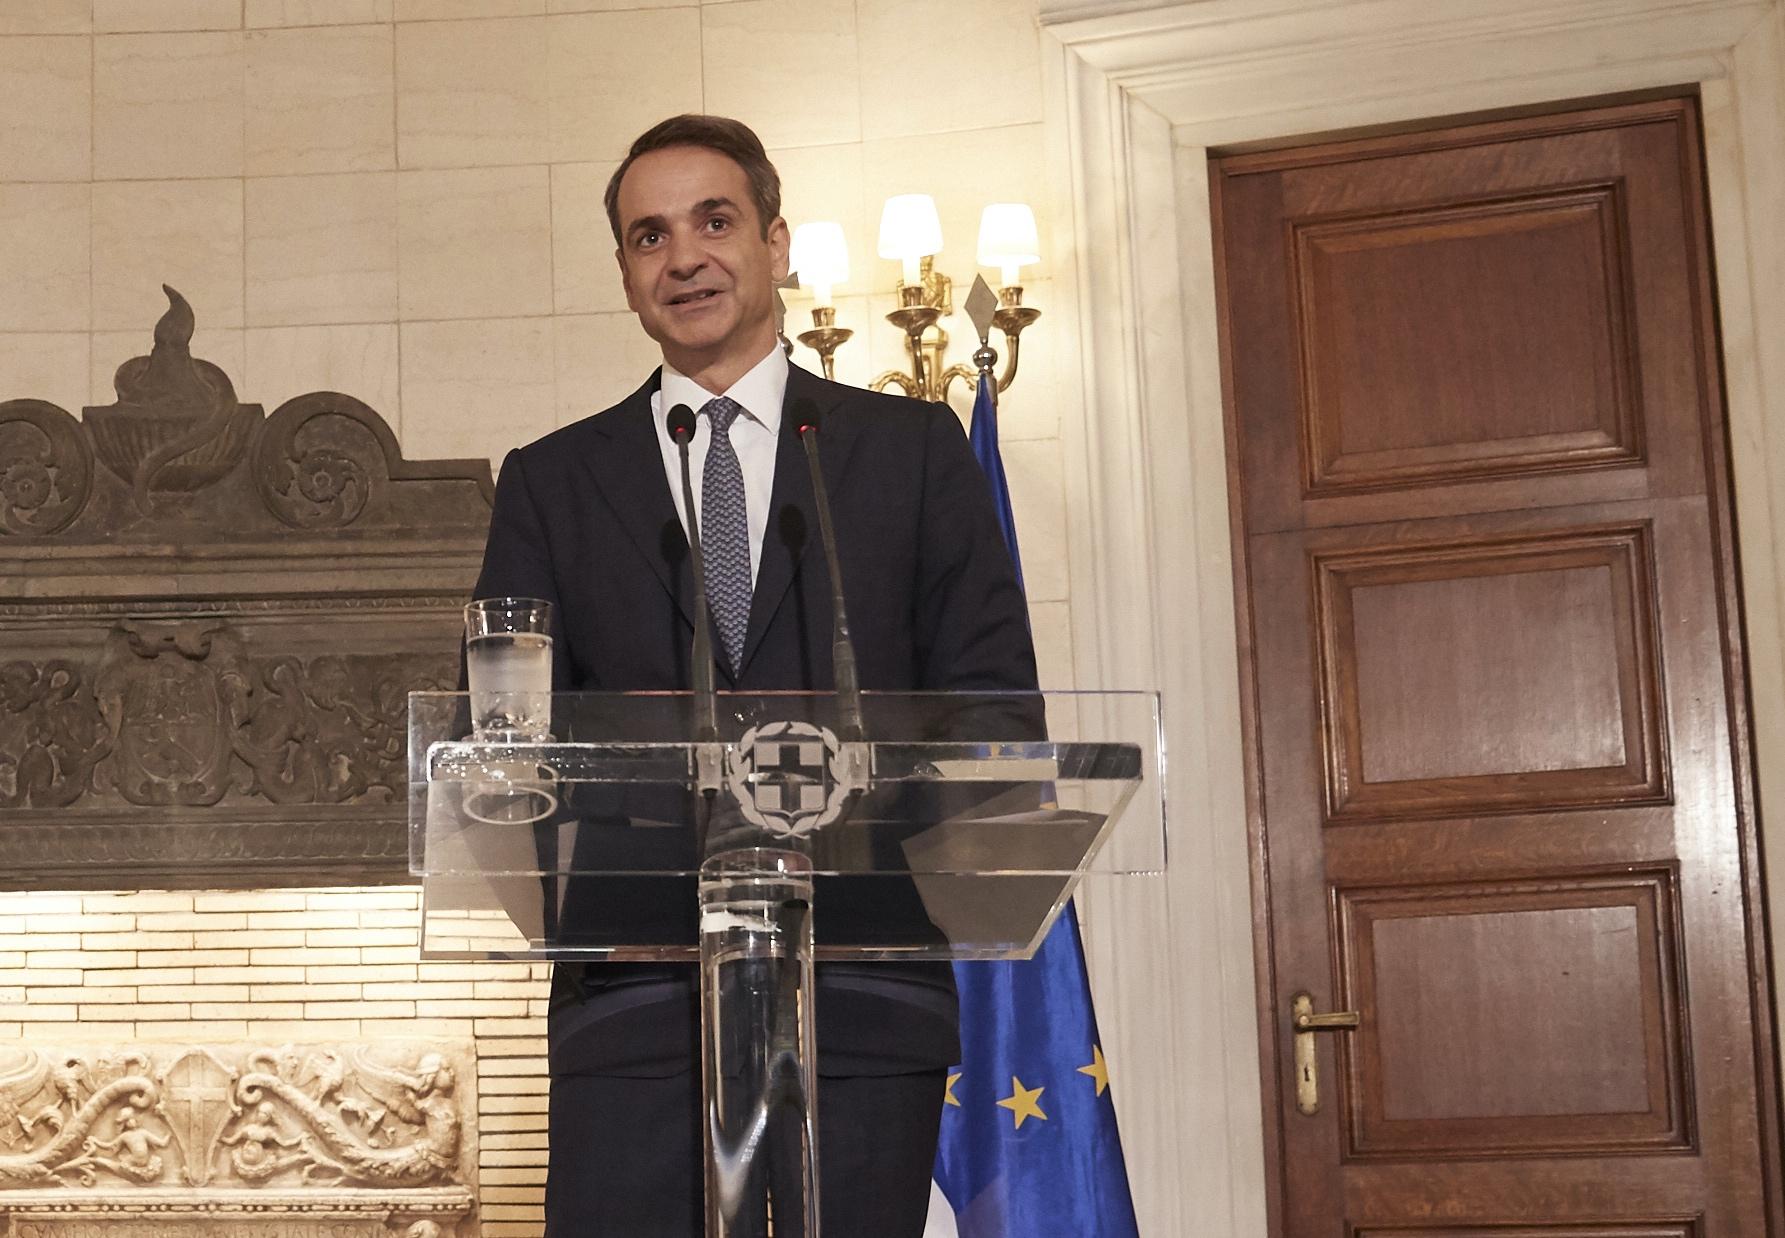 Την Αικατερίνη Σακελλαροπούλου πρότεινε για Πρόεδρο της Δημοκρατίας ο Κυριάκος Μητσοτάκης